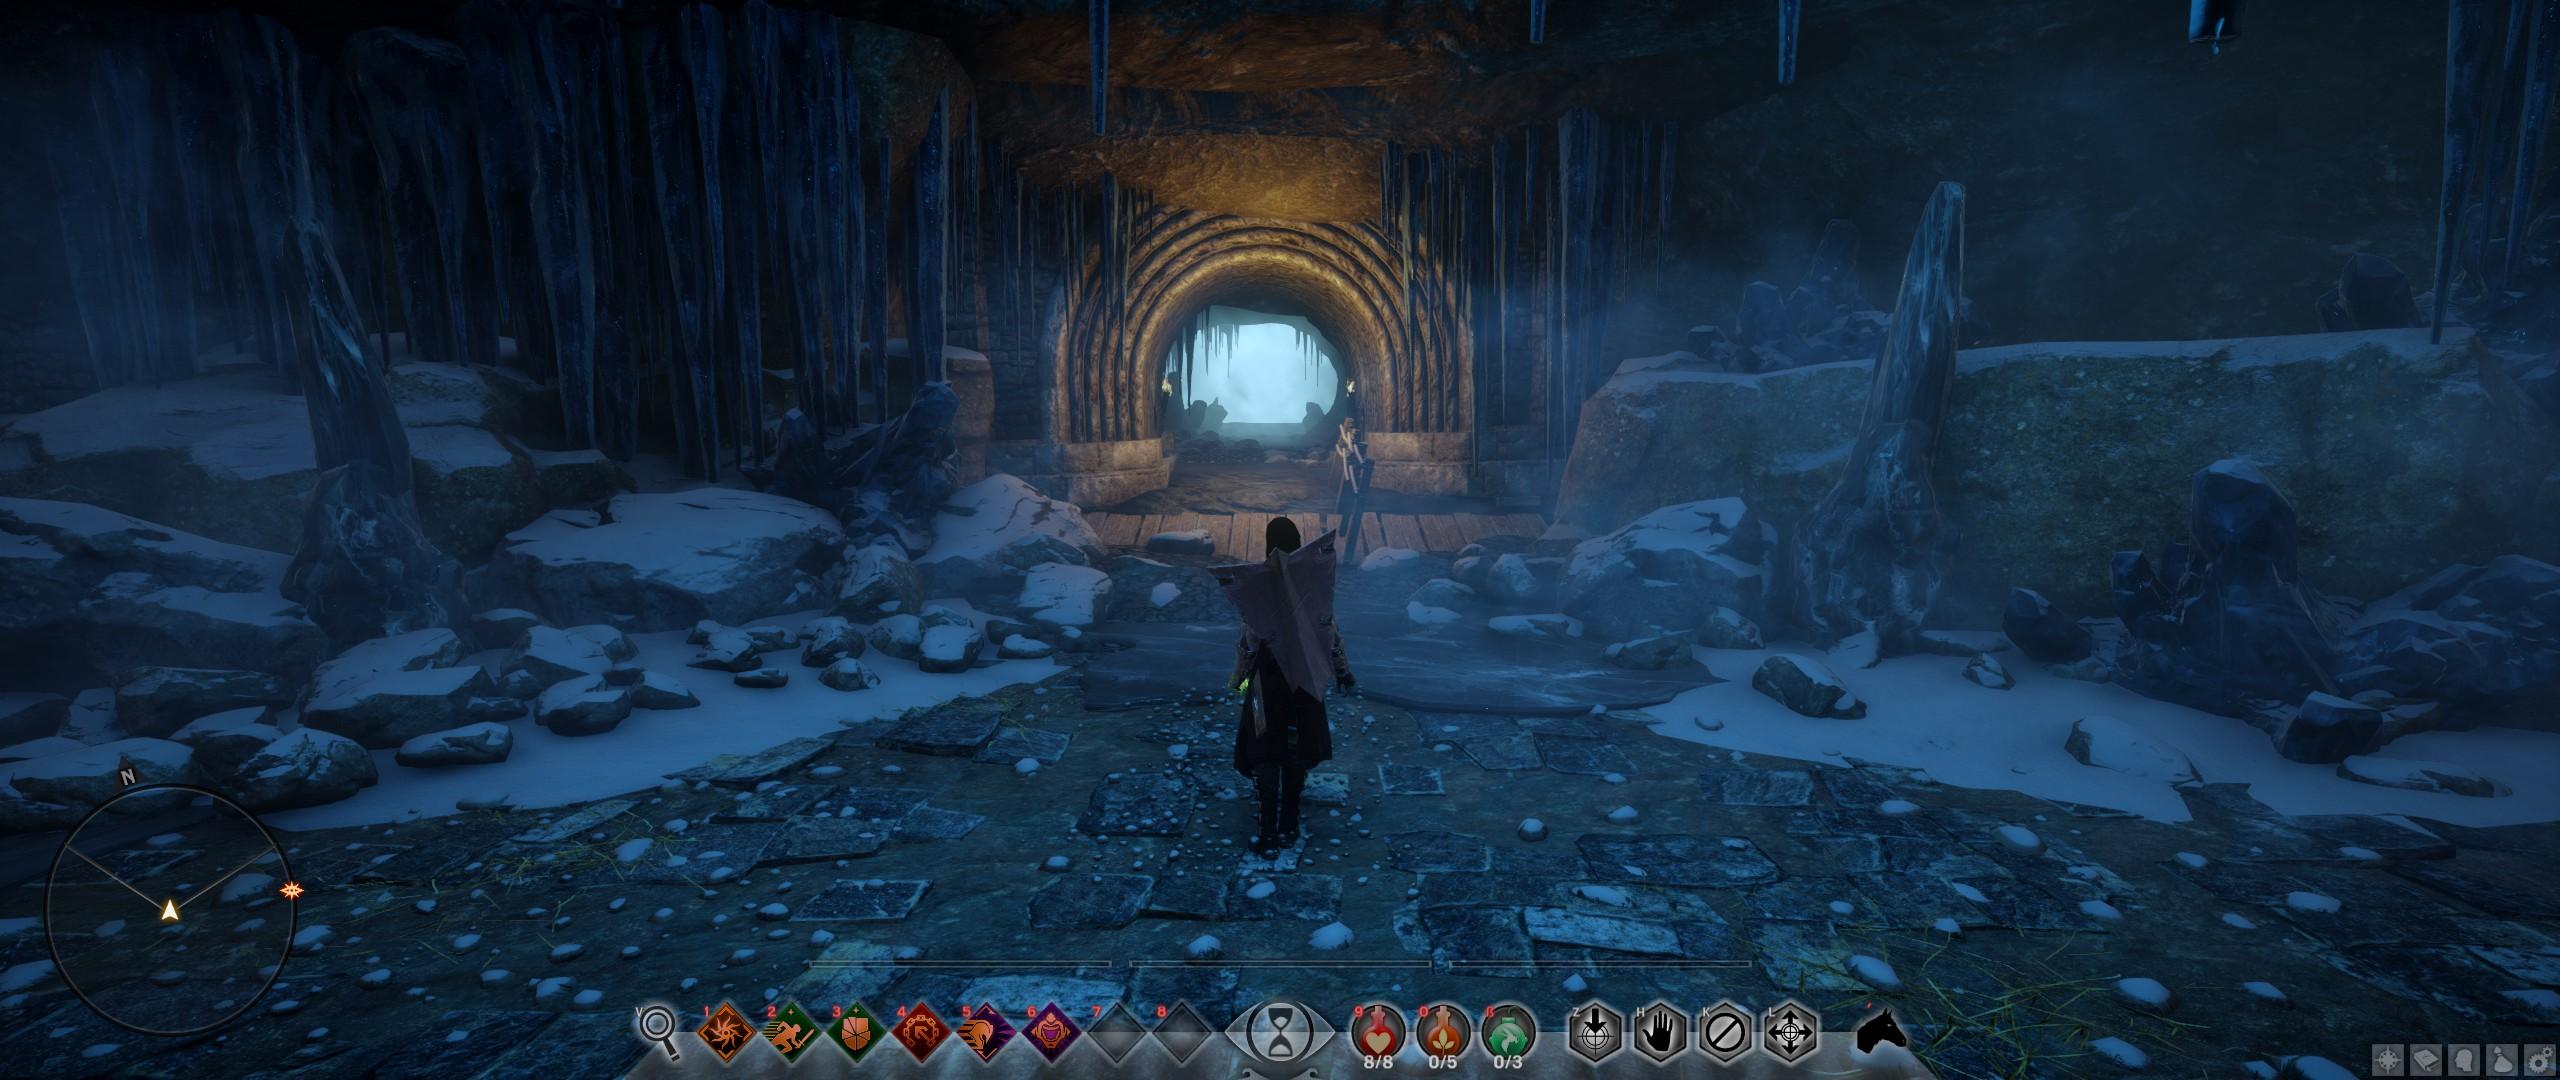 ScreenshotWin32_0070_Final